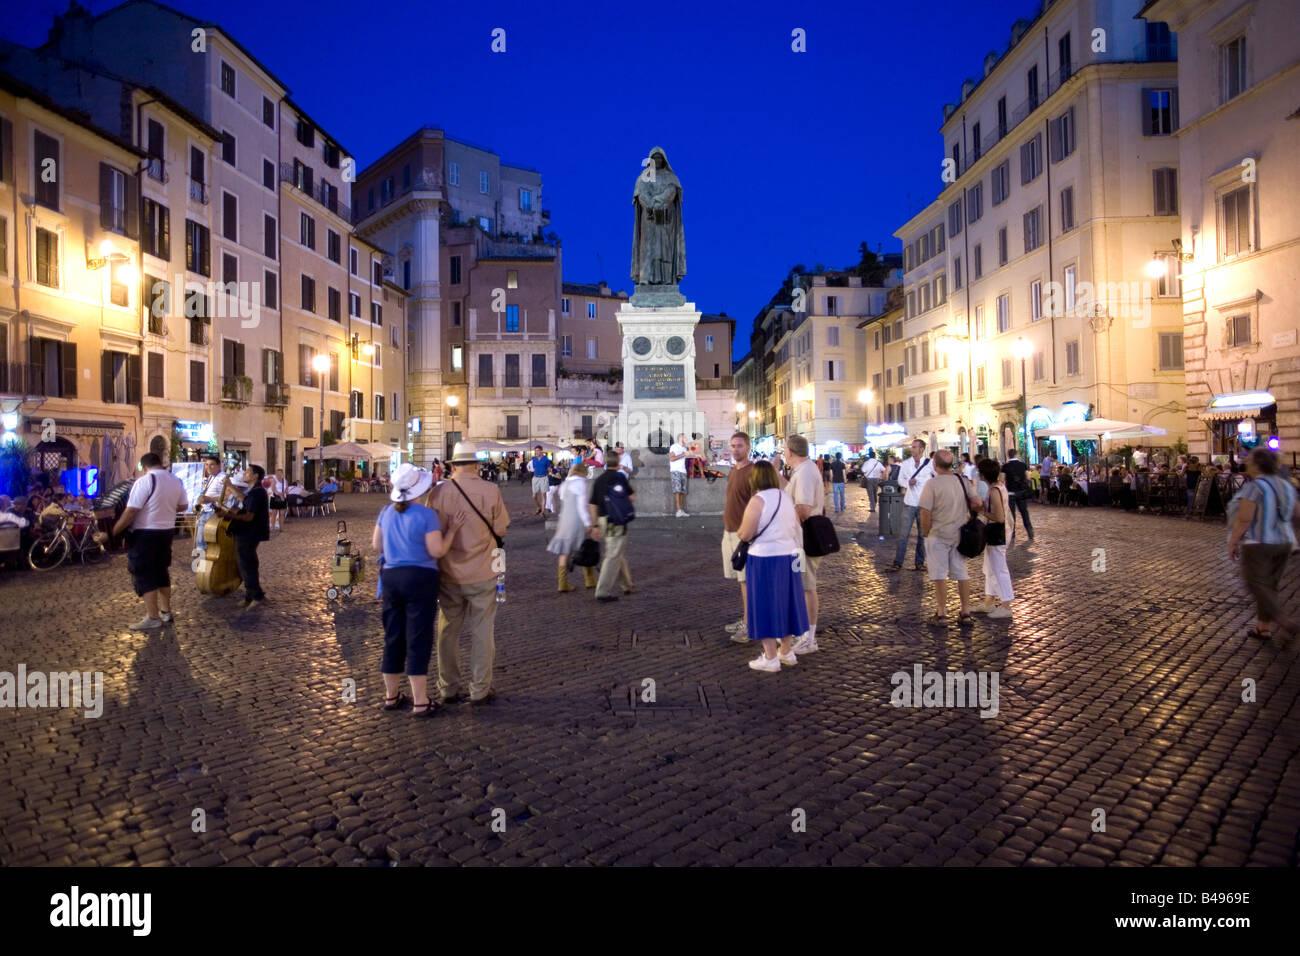 Campo dei Fiori at evening Roma Italy - Stock Image